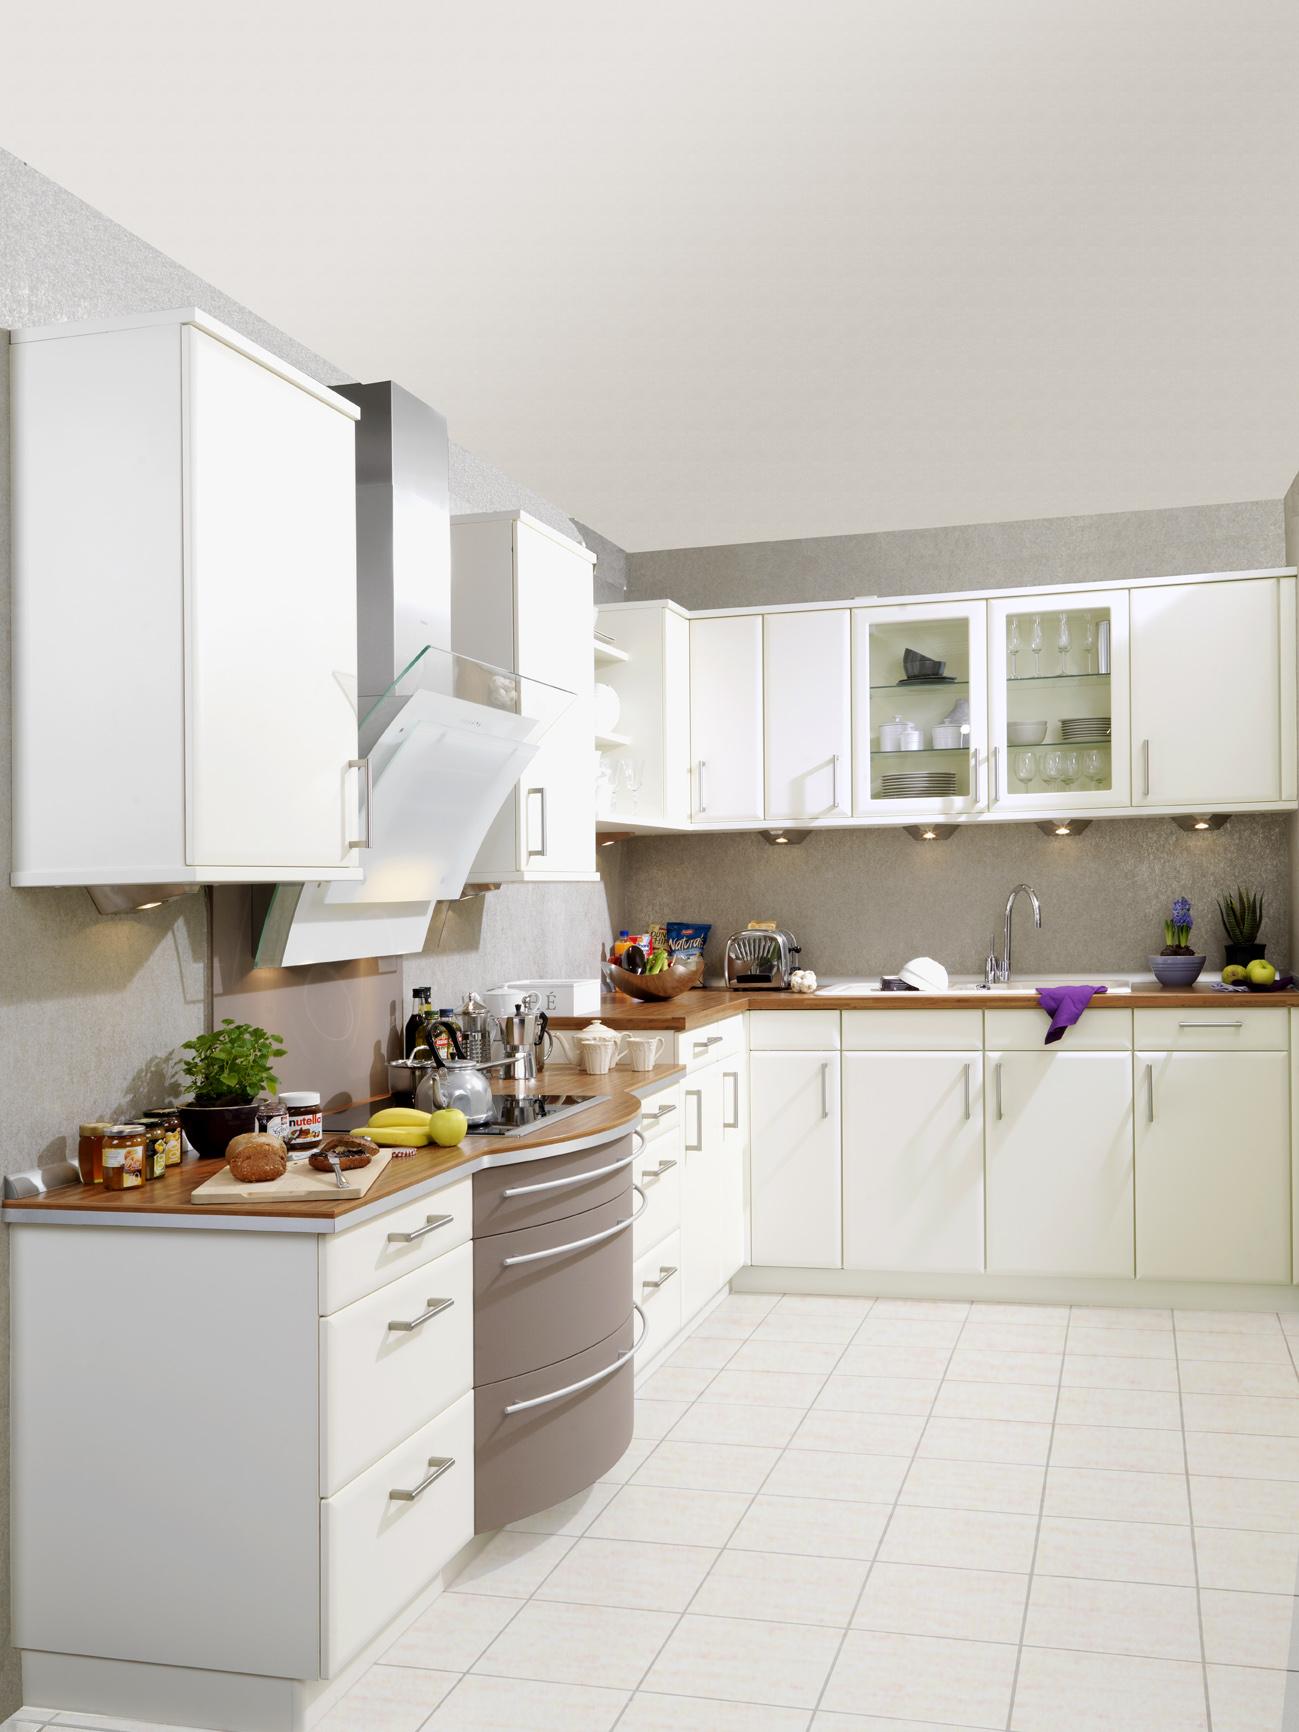 Suche Gebrauchte Küche In Bochum | Küchen In Bochum